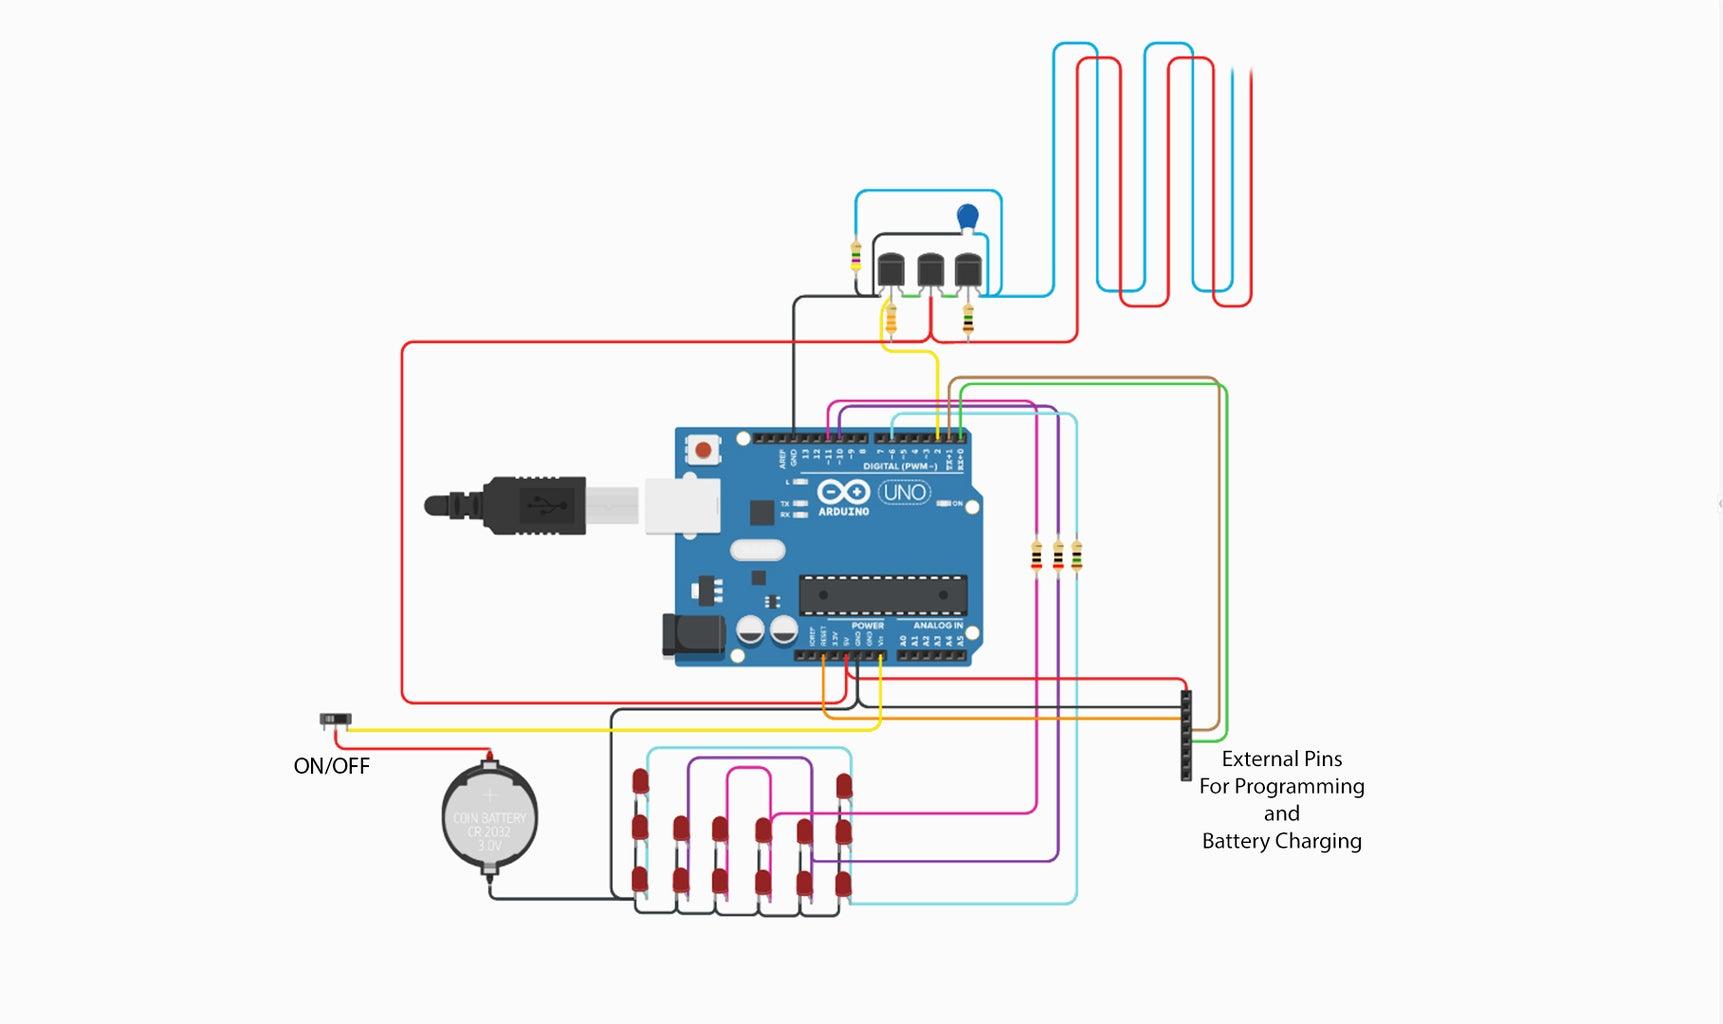 Circuit & Programing